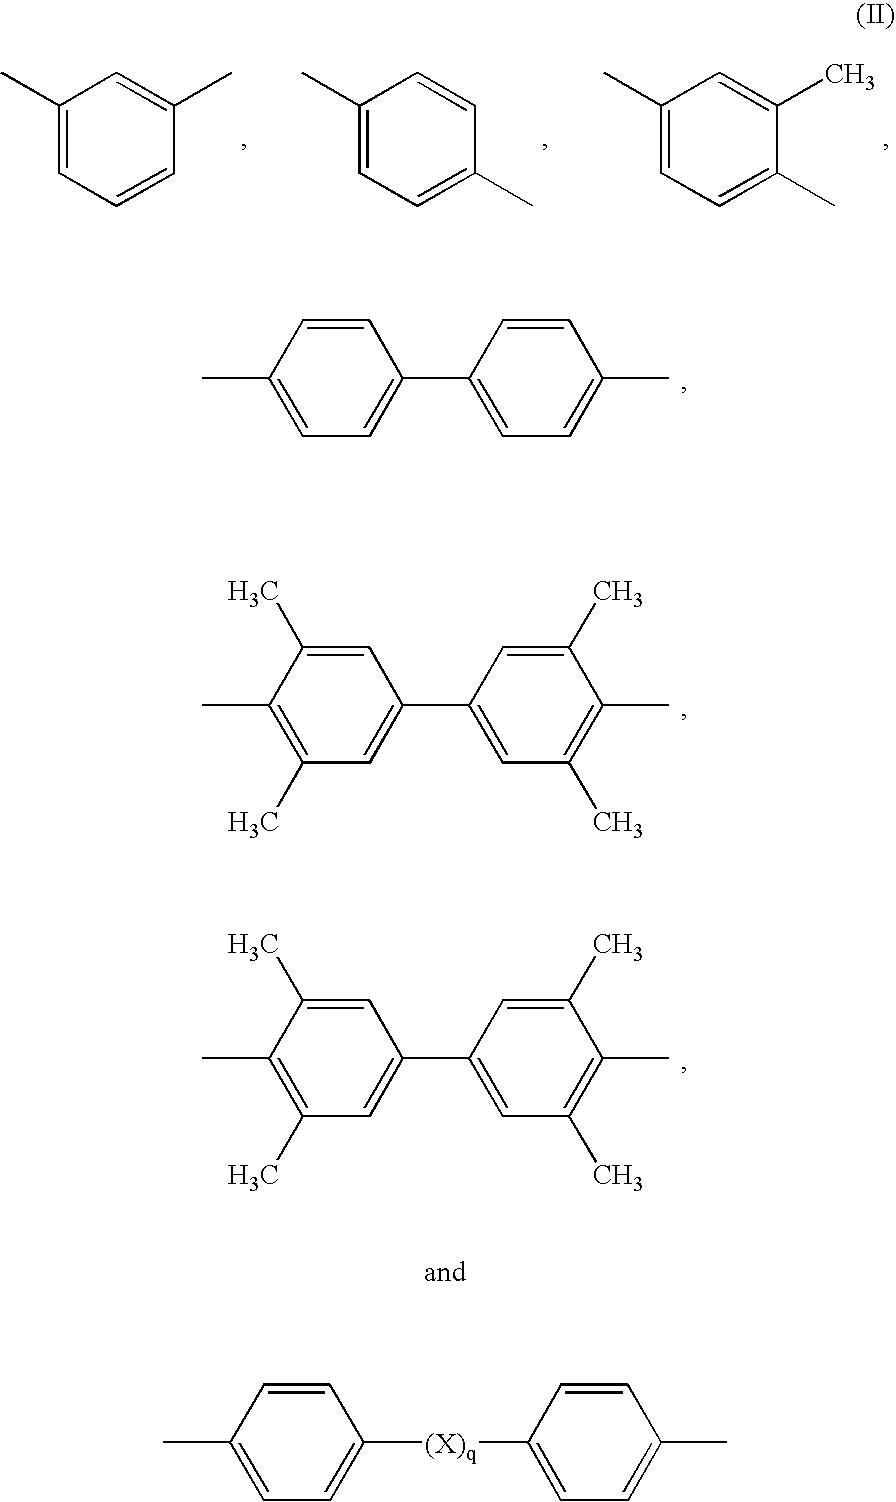 Figure US07329462-20080212-C00002